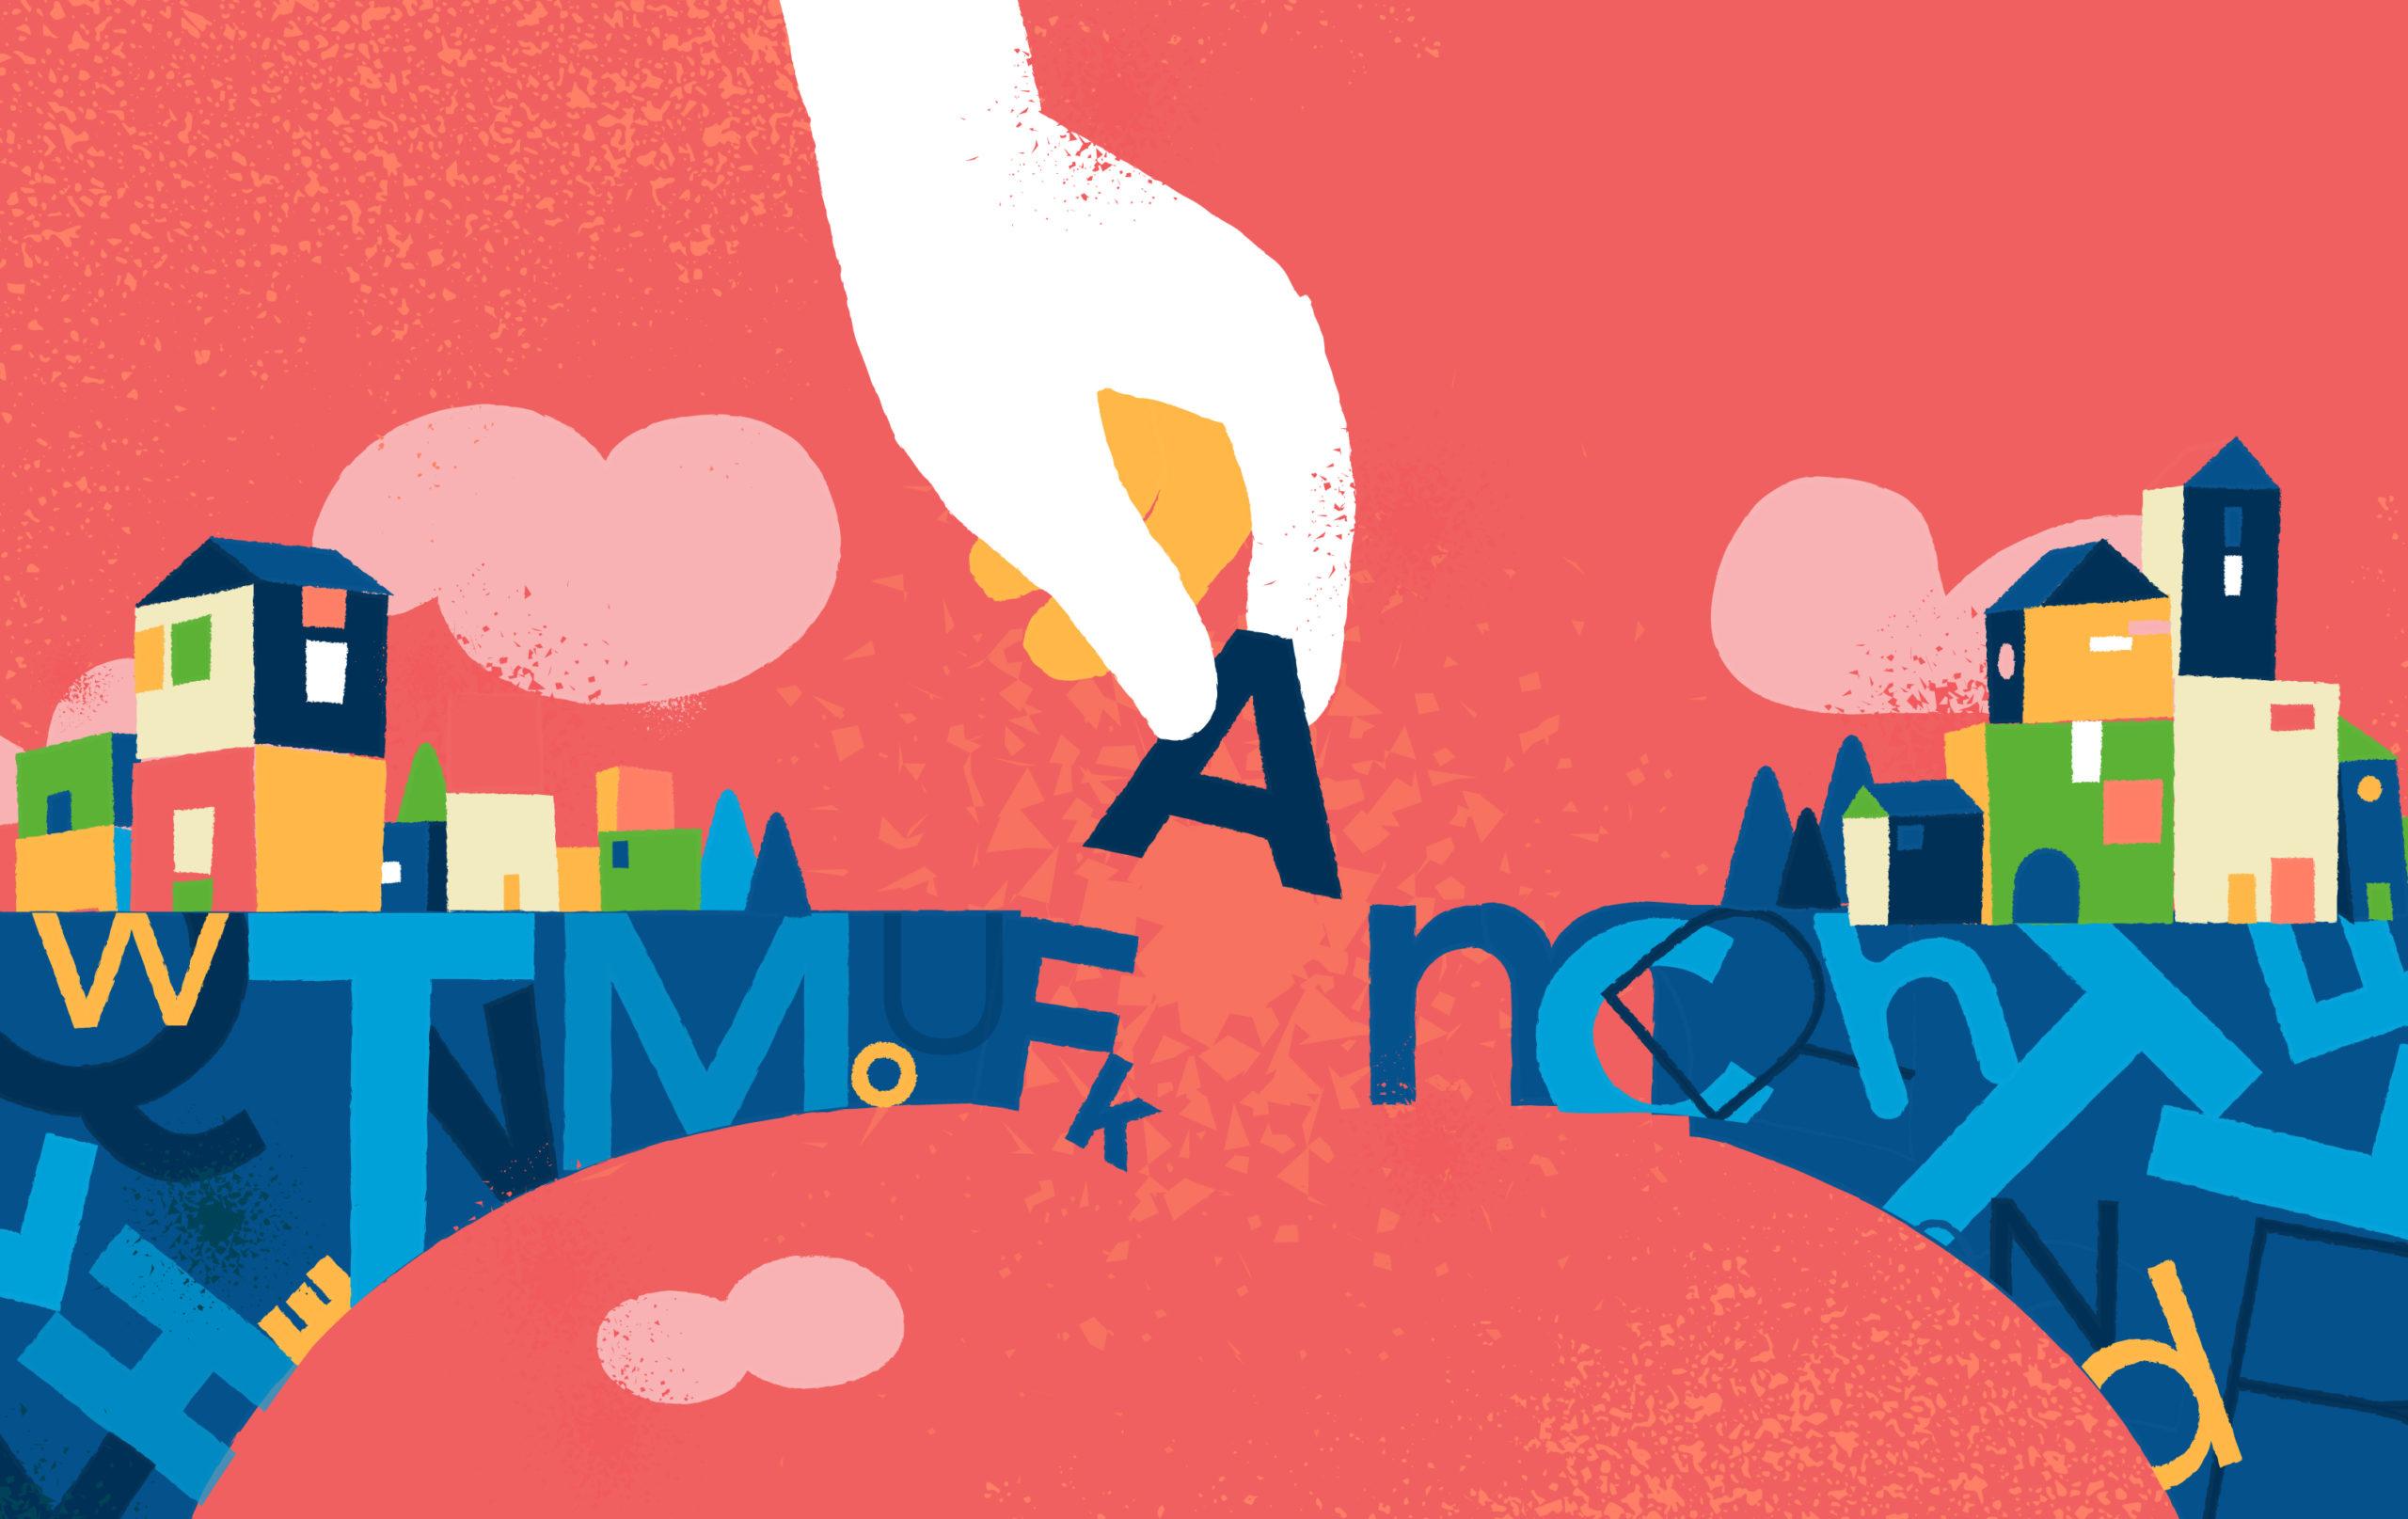 Die externe Unternehmenskommunikation - So schaffen Sie Brücken 2